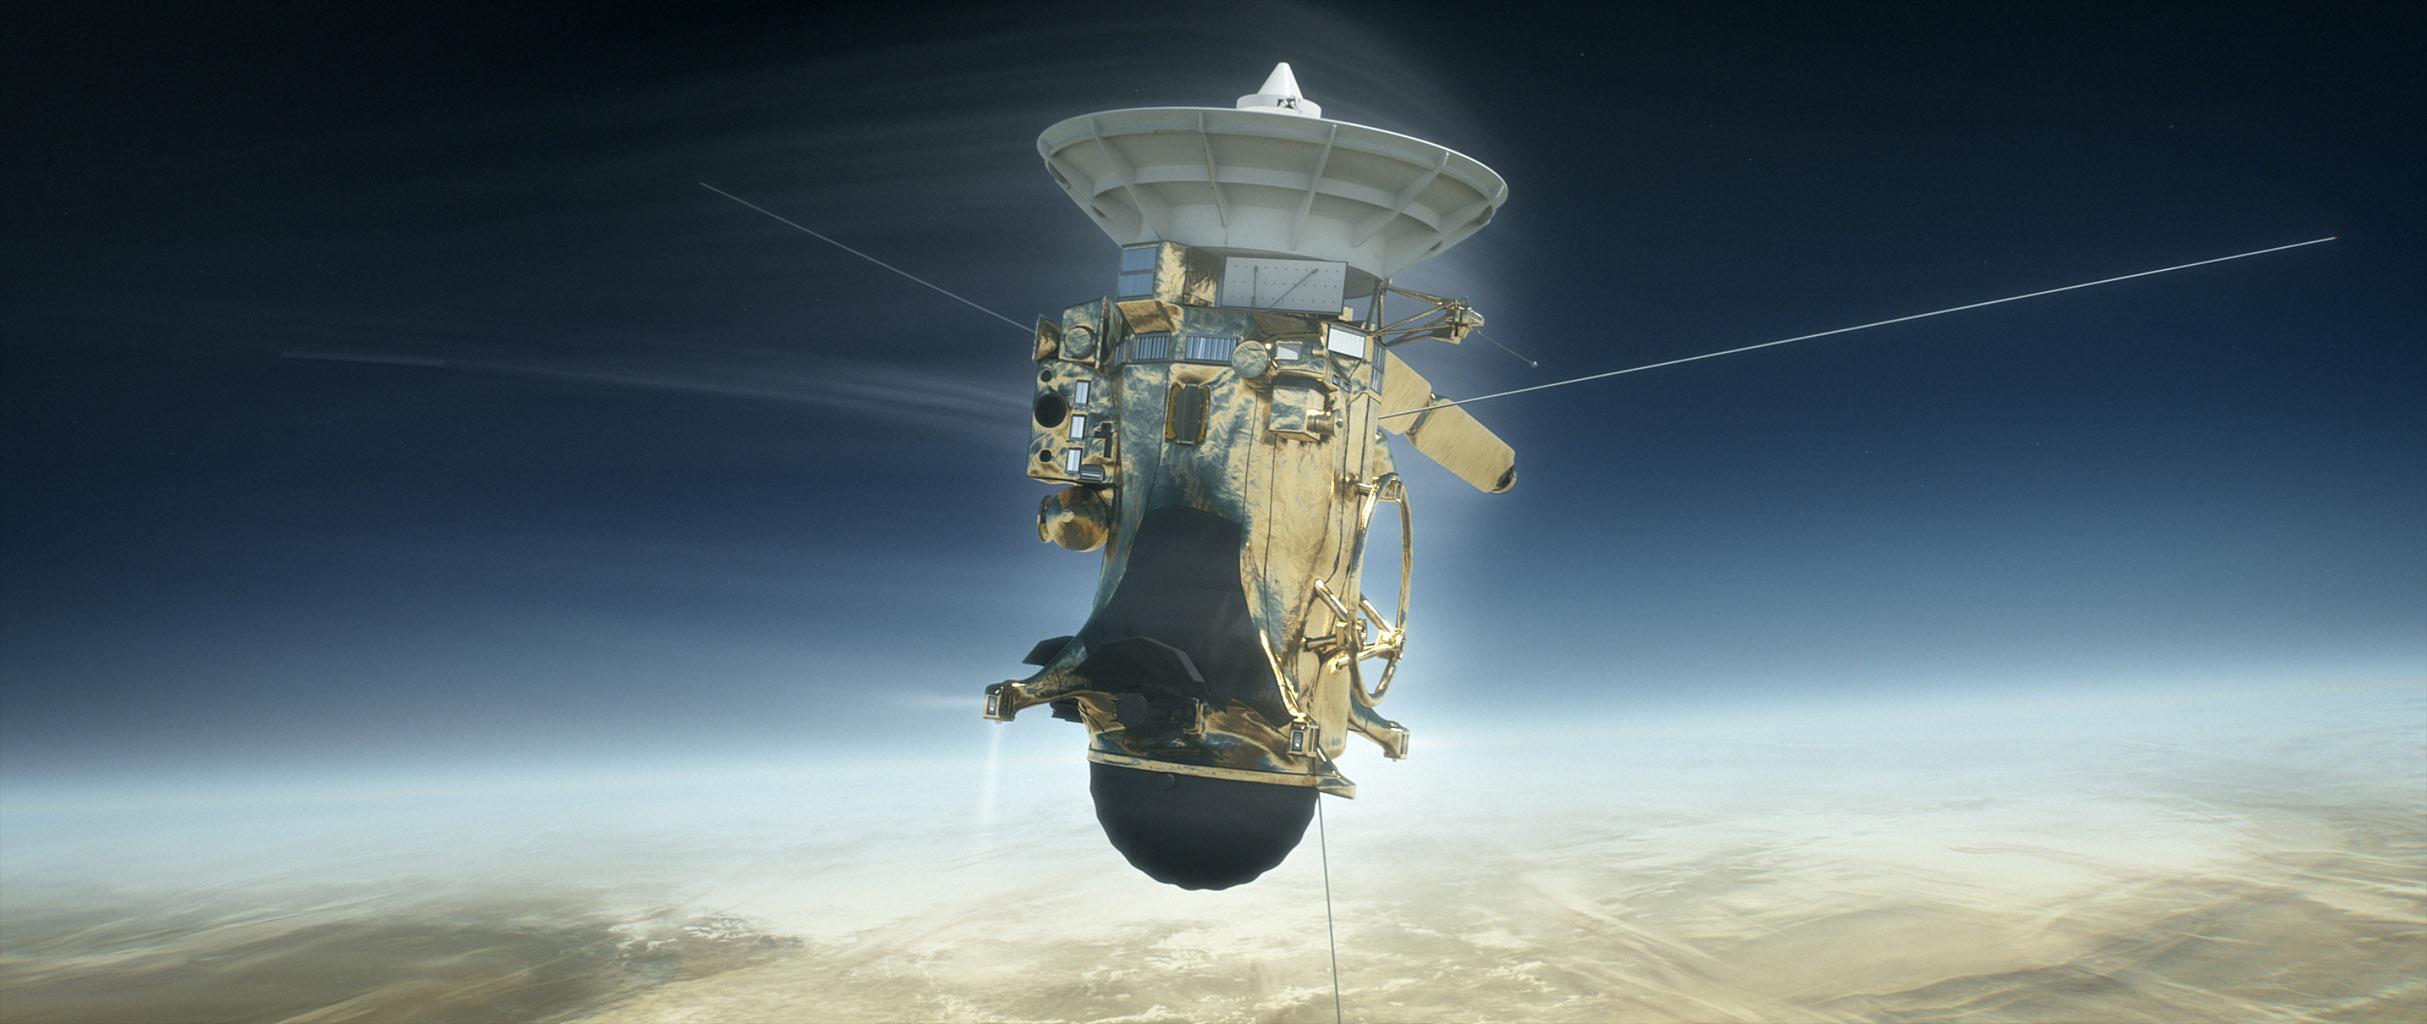 Space Images   Cassini versus Saturn (Illustration)